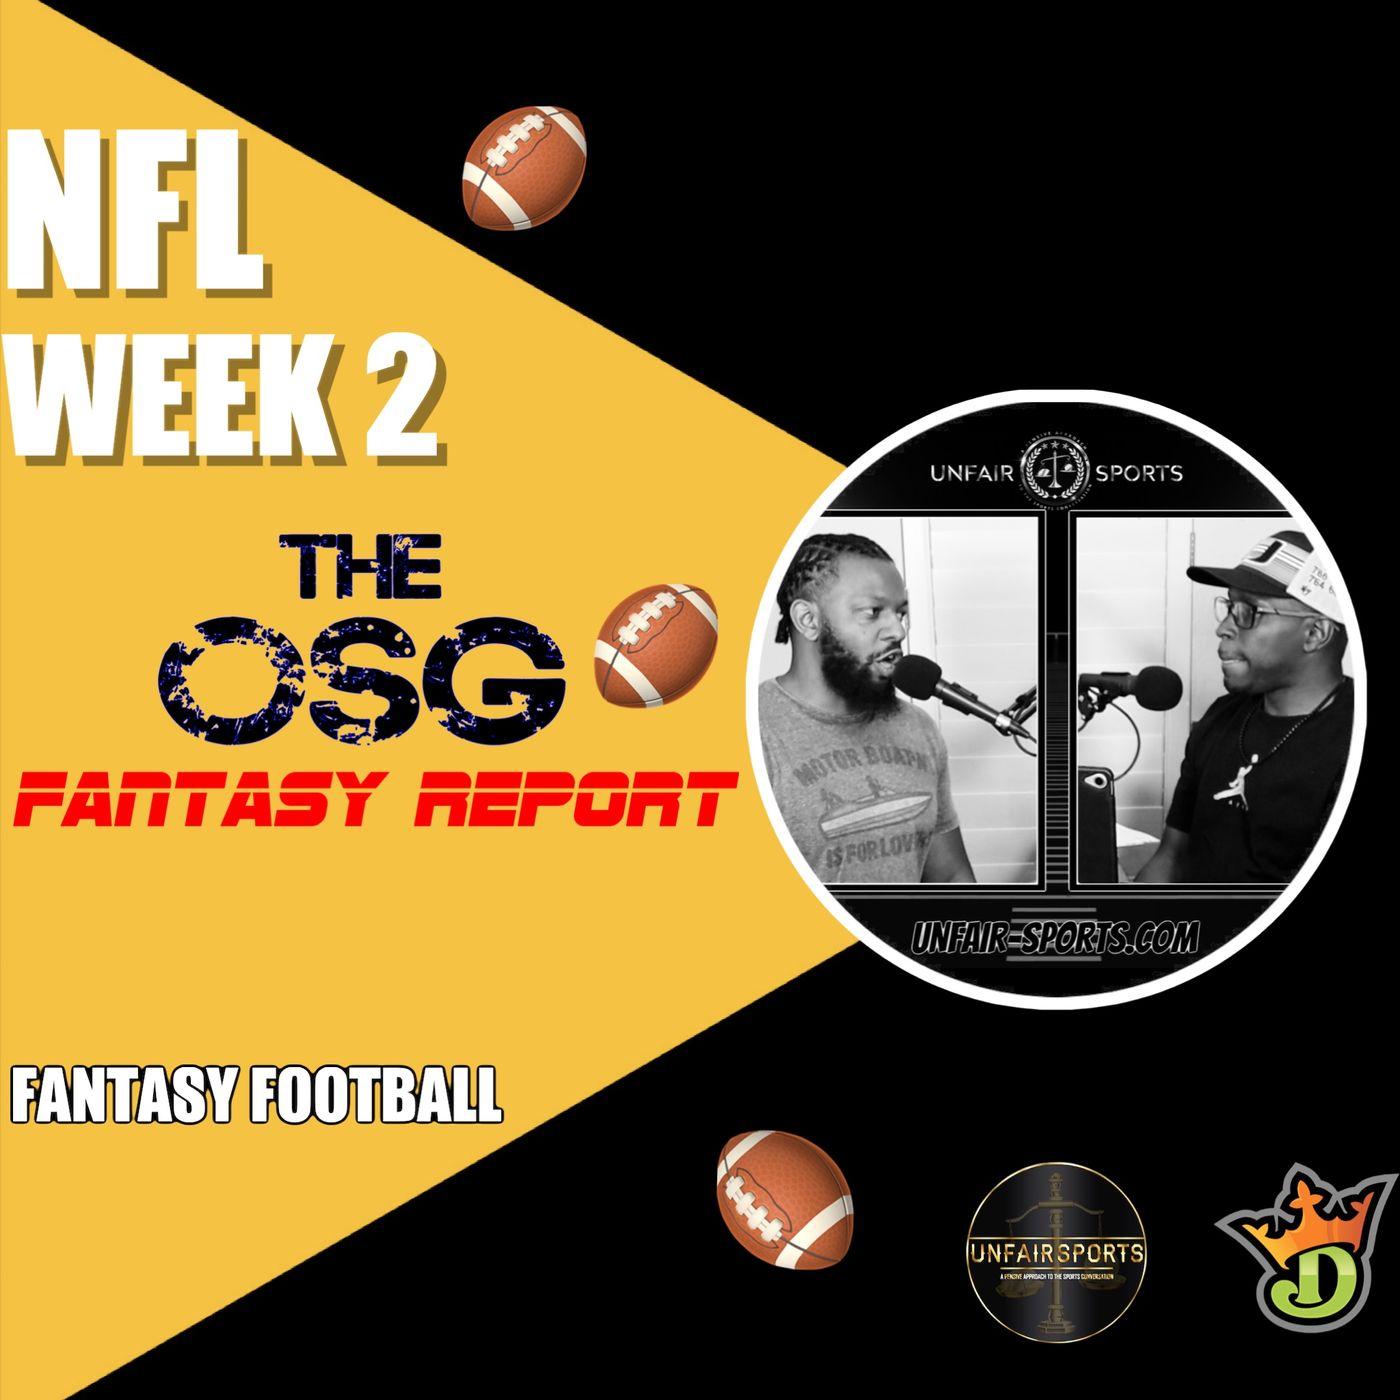 Week 2 OSG Daily Fantasy Highlights